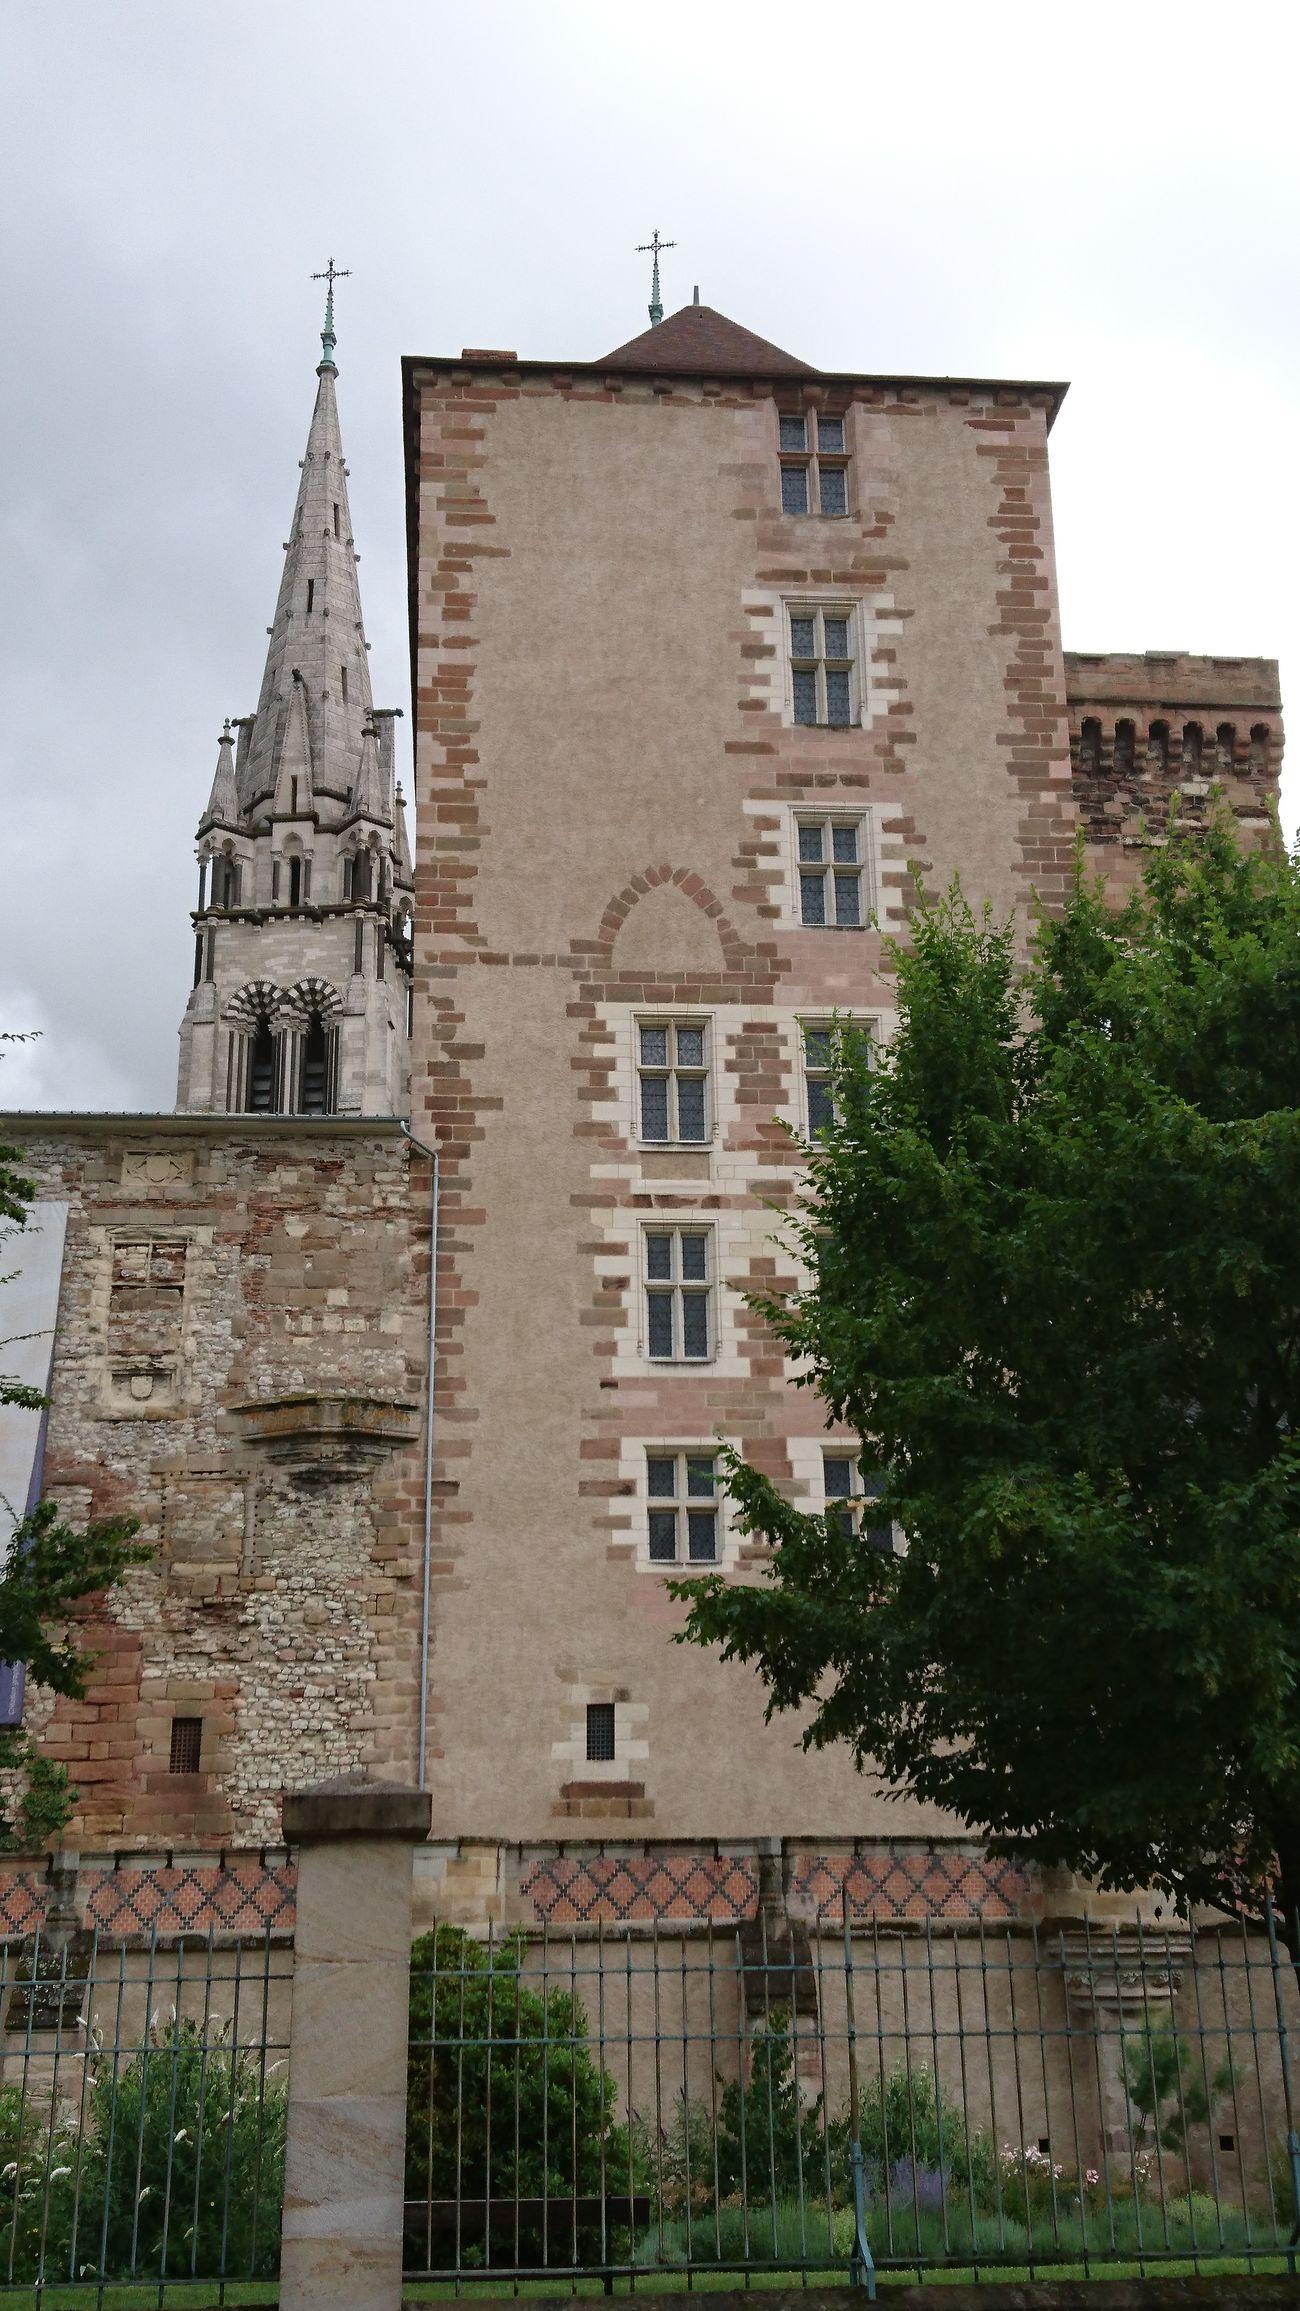 La Mal - Coiffée avec une des flèches de la cathédrale de Moulins